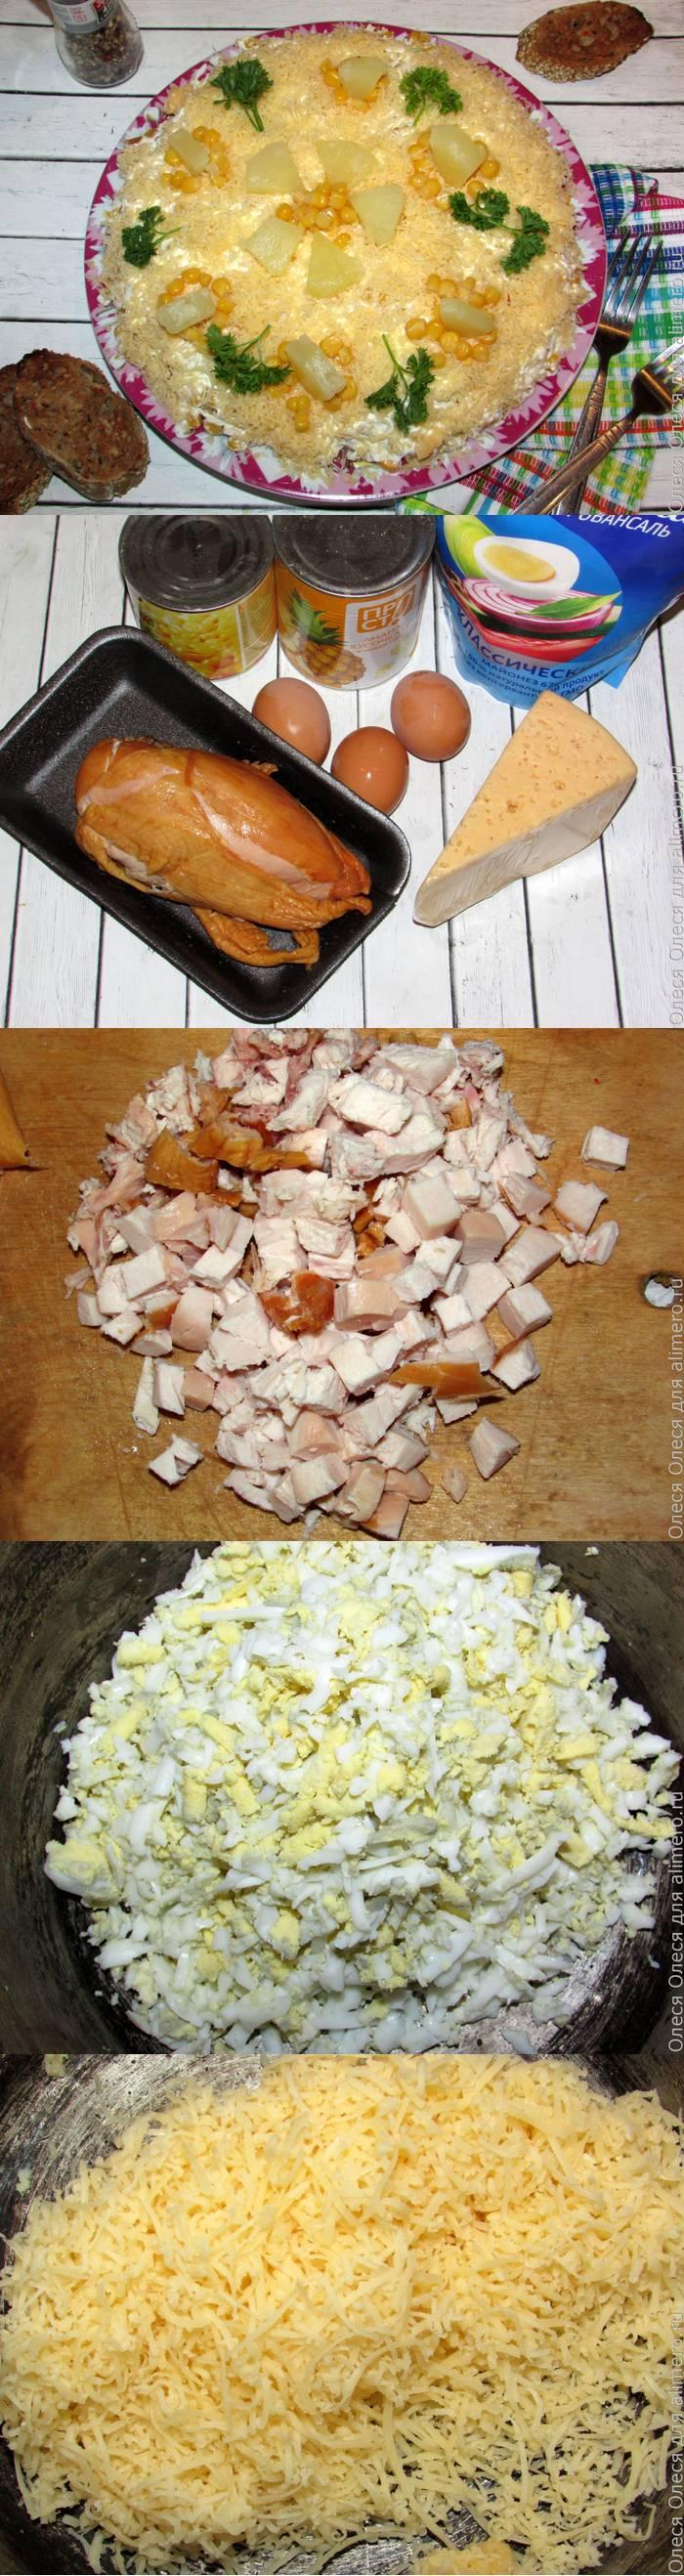 Рецепт салата курица с ананасом и сыром пошагово